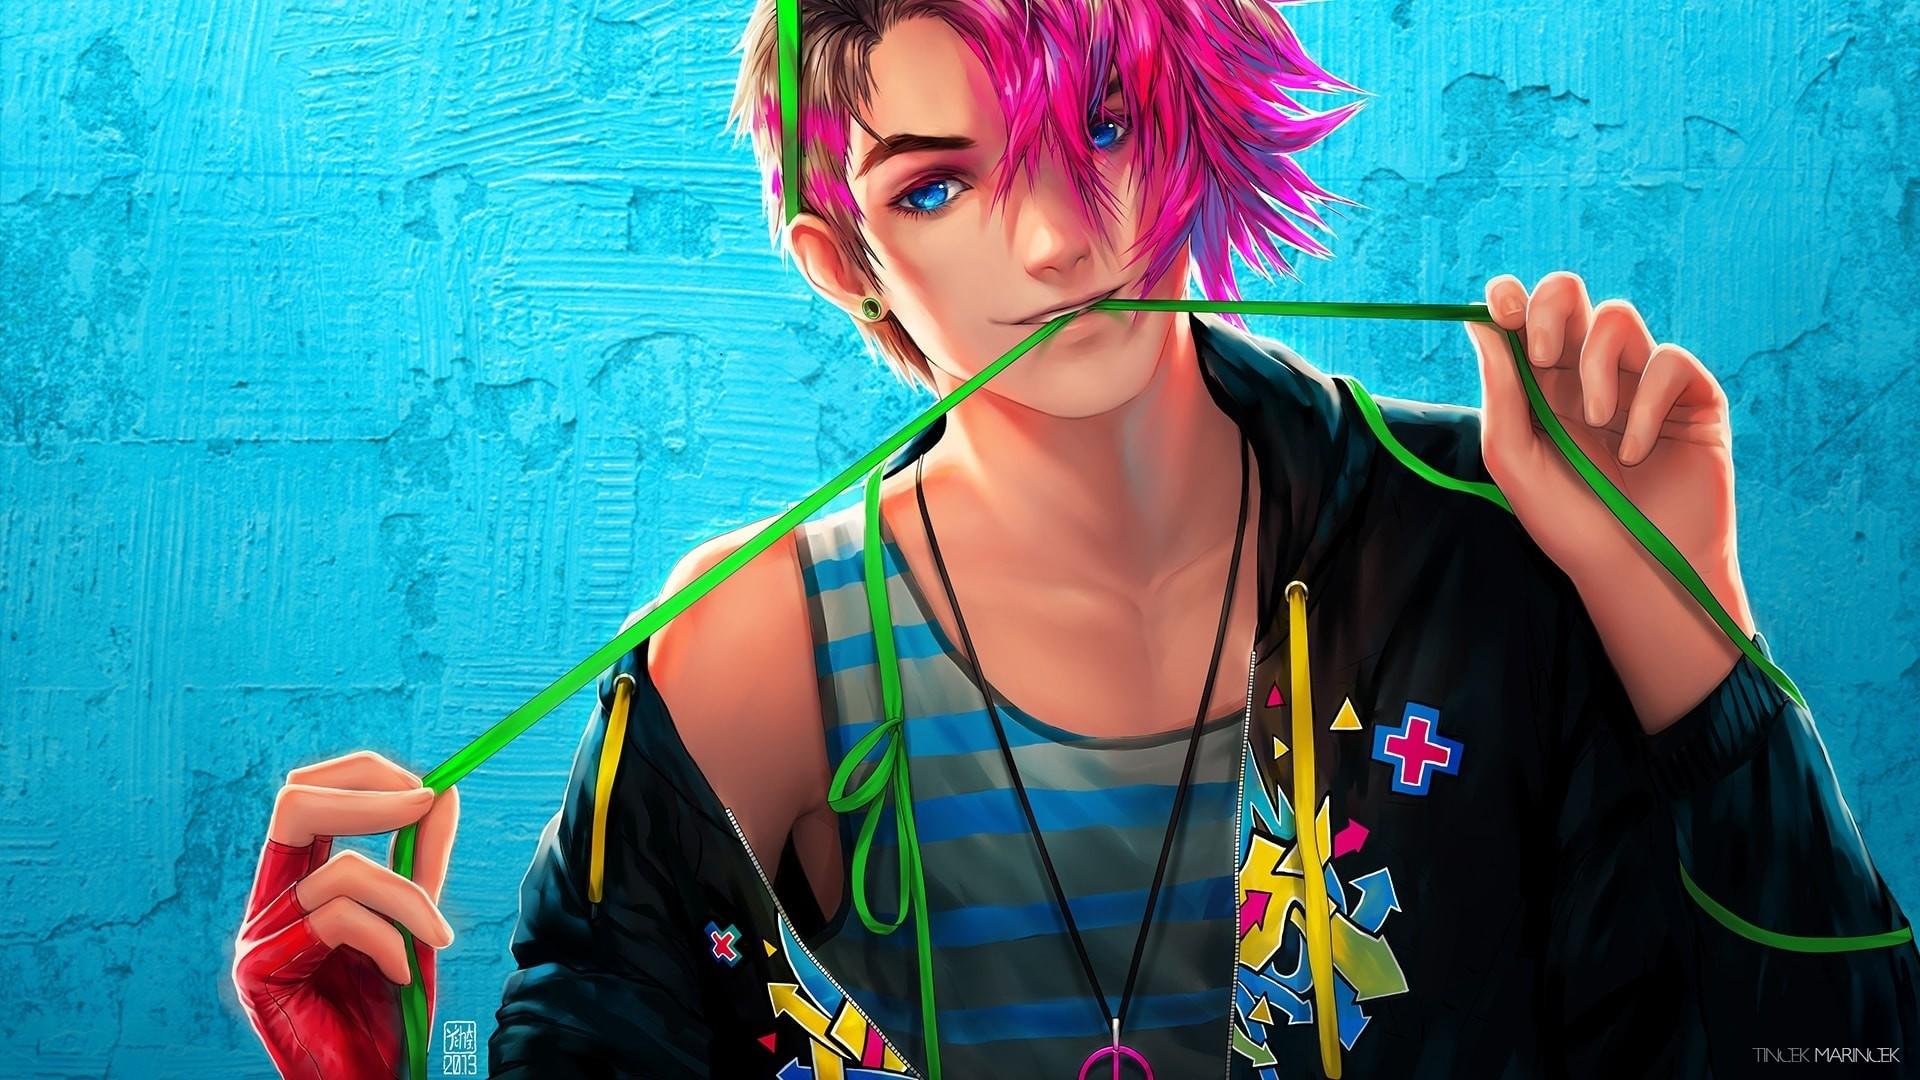 Handsome Anime Boy Full HD Wallpaper